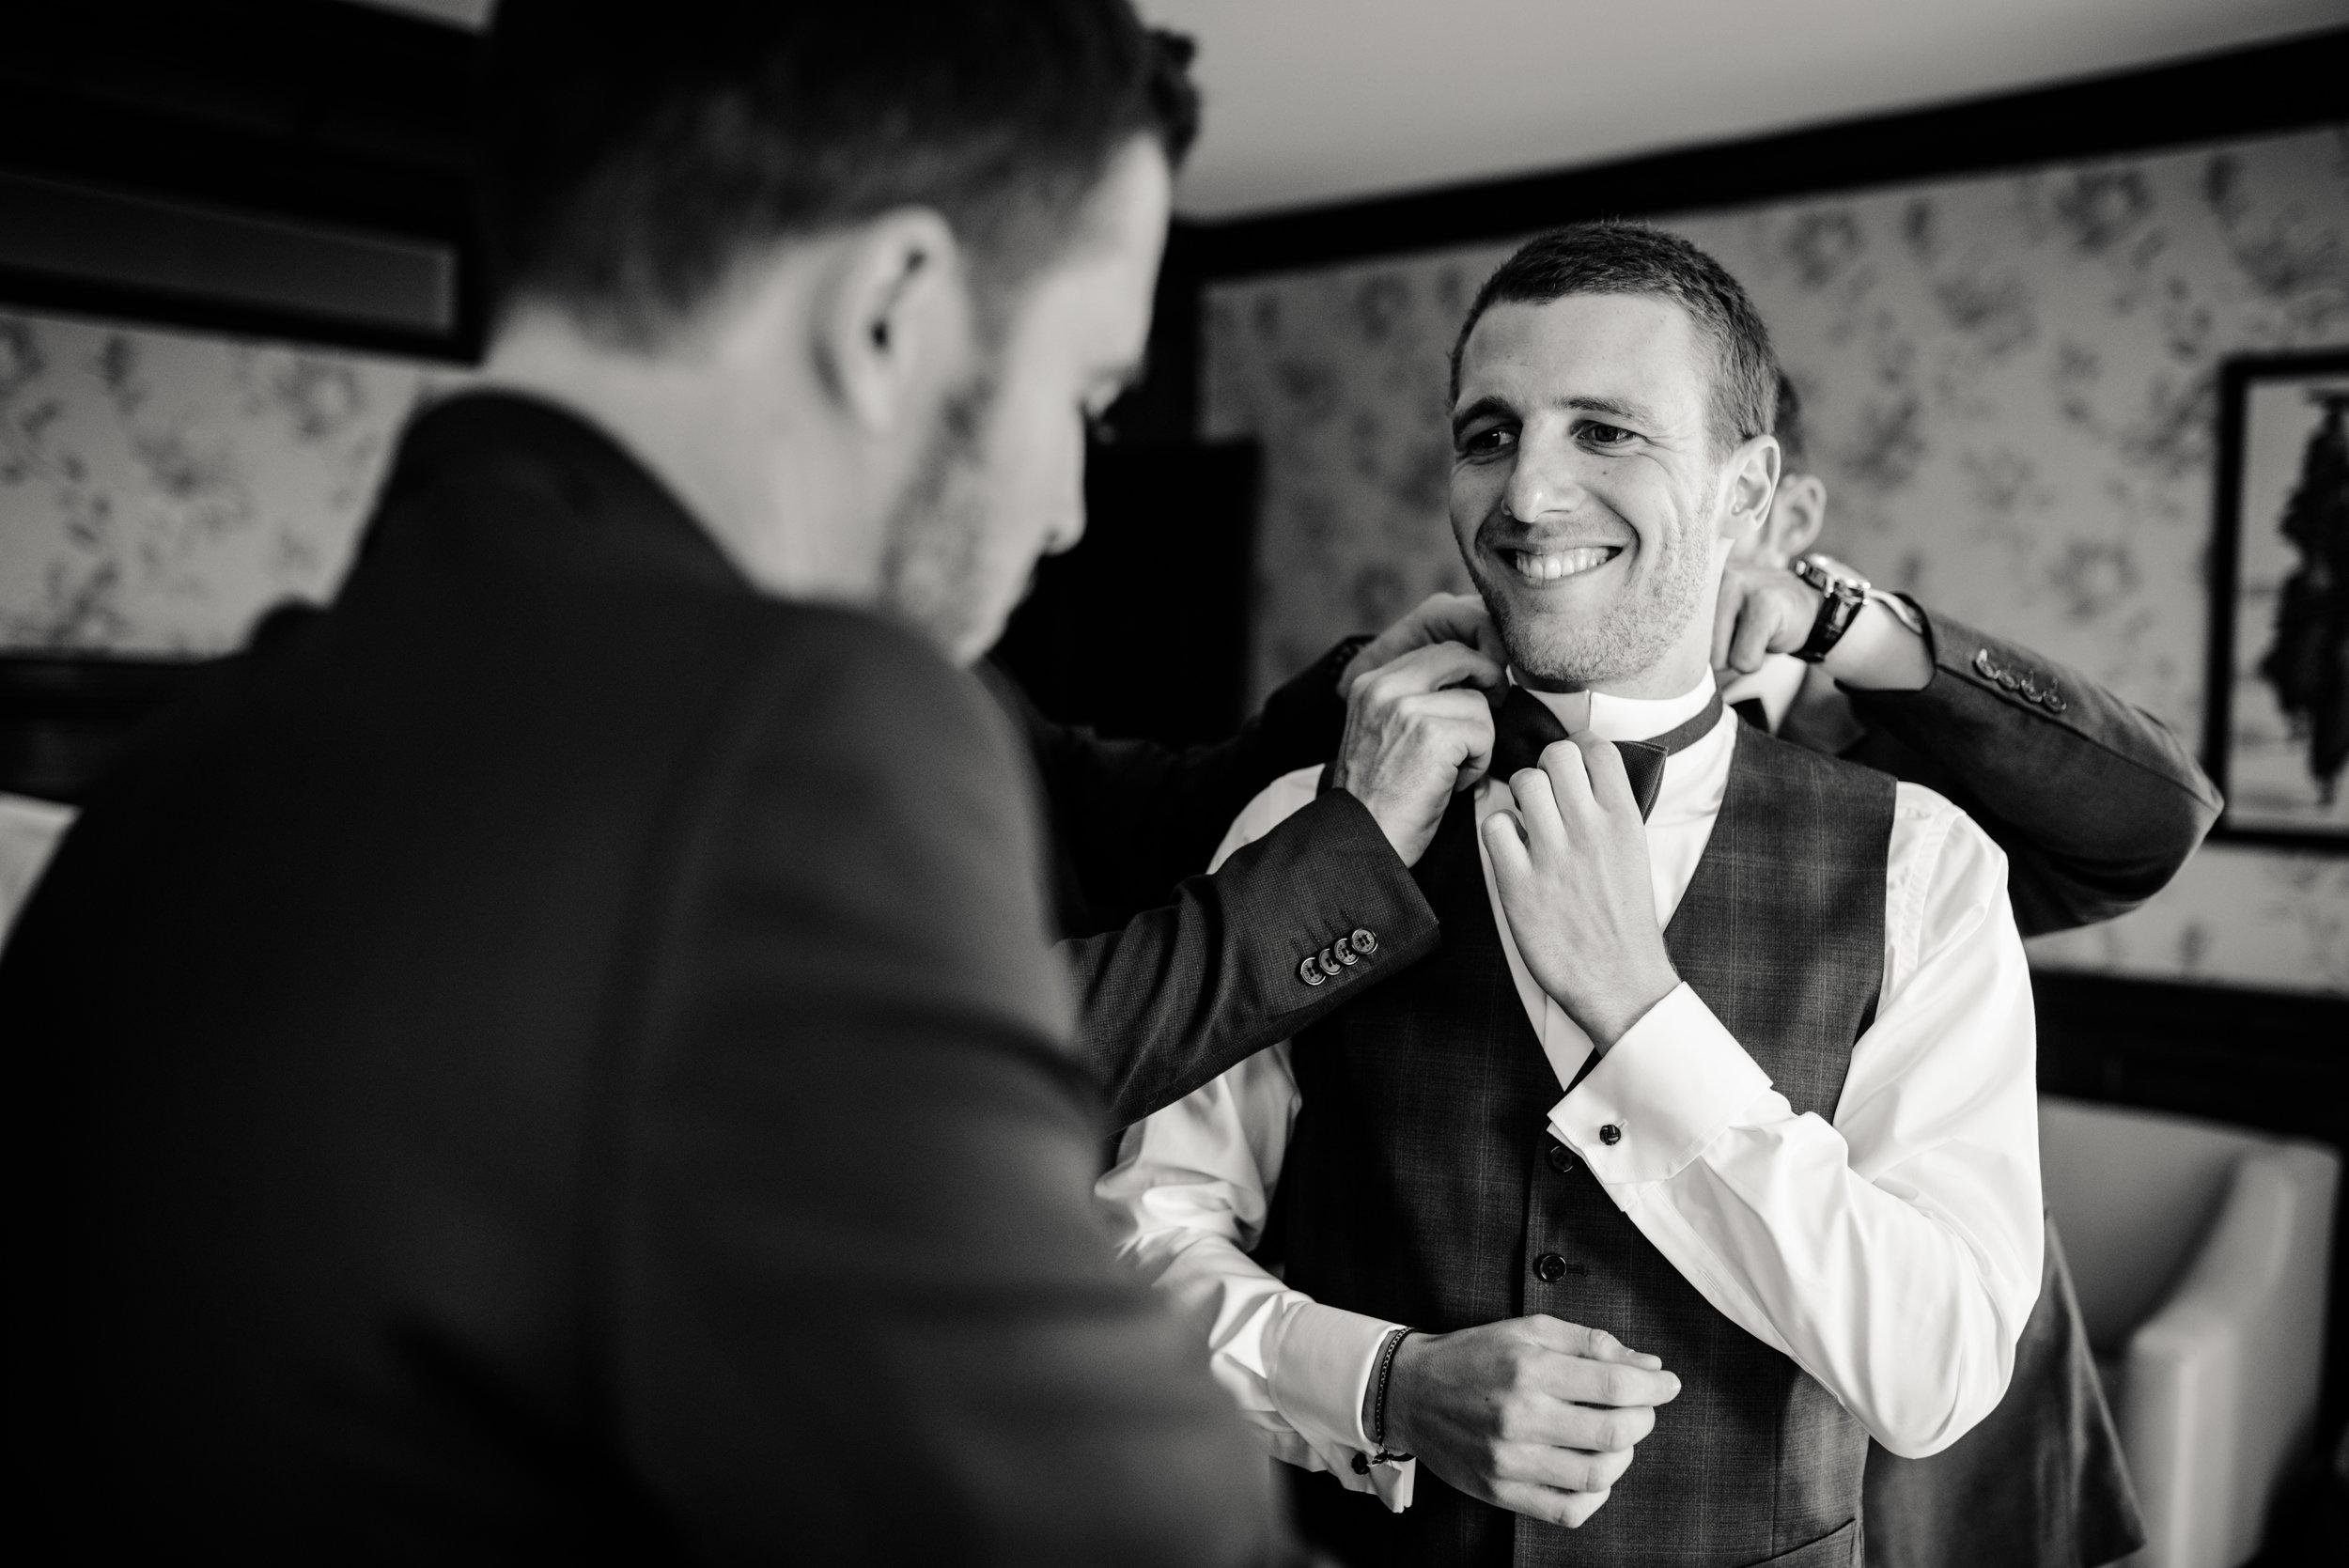 Léa-Fery-photographe-professionnel-lyon-rhone-alpes-portrait-creation-mariage-evenement-evenementiel-famille-2-61 (2).jpg